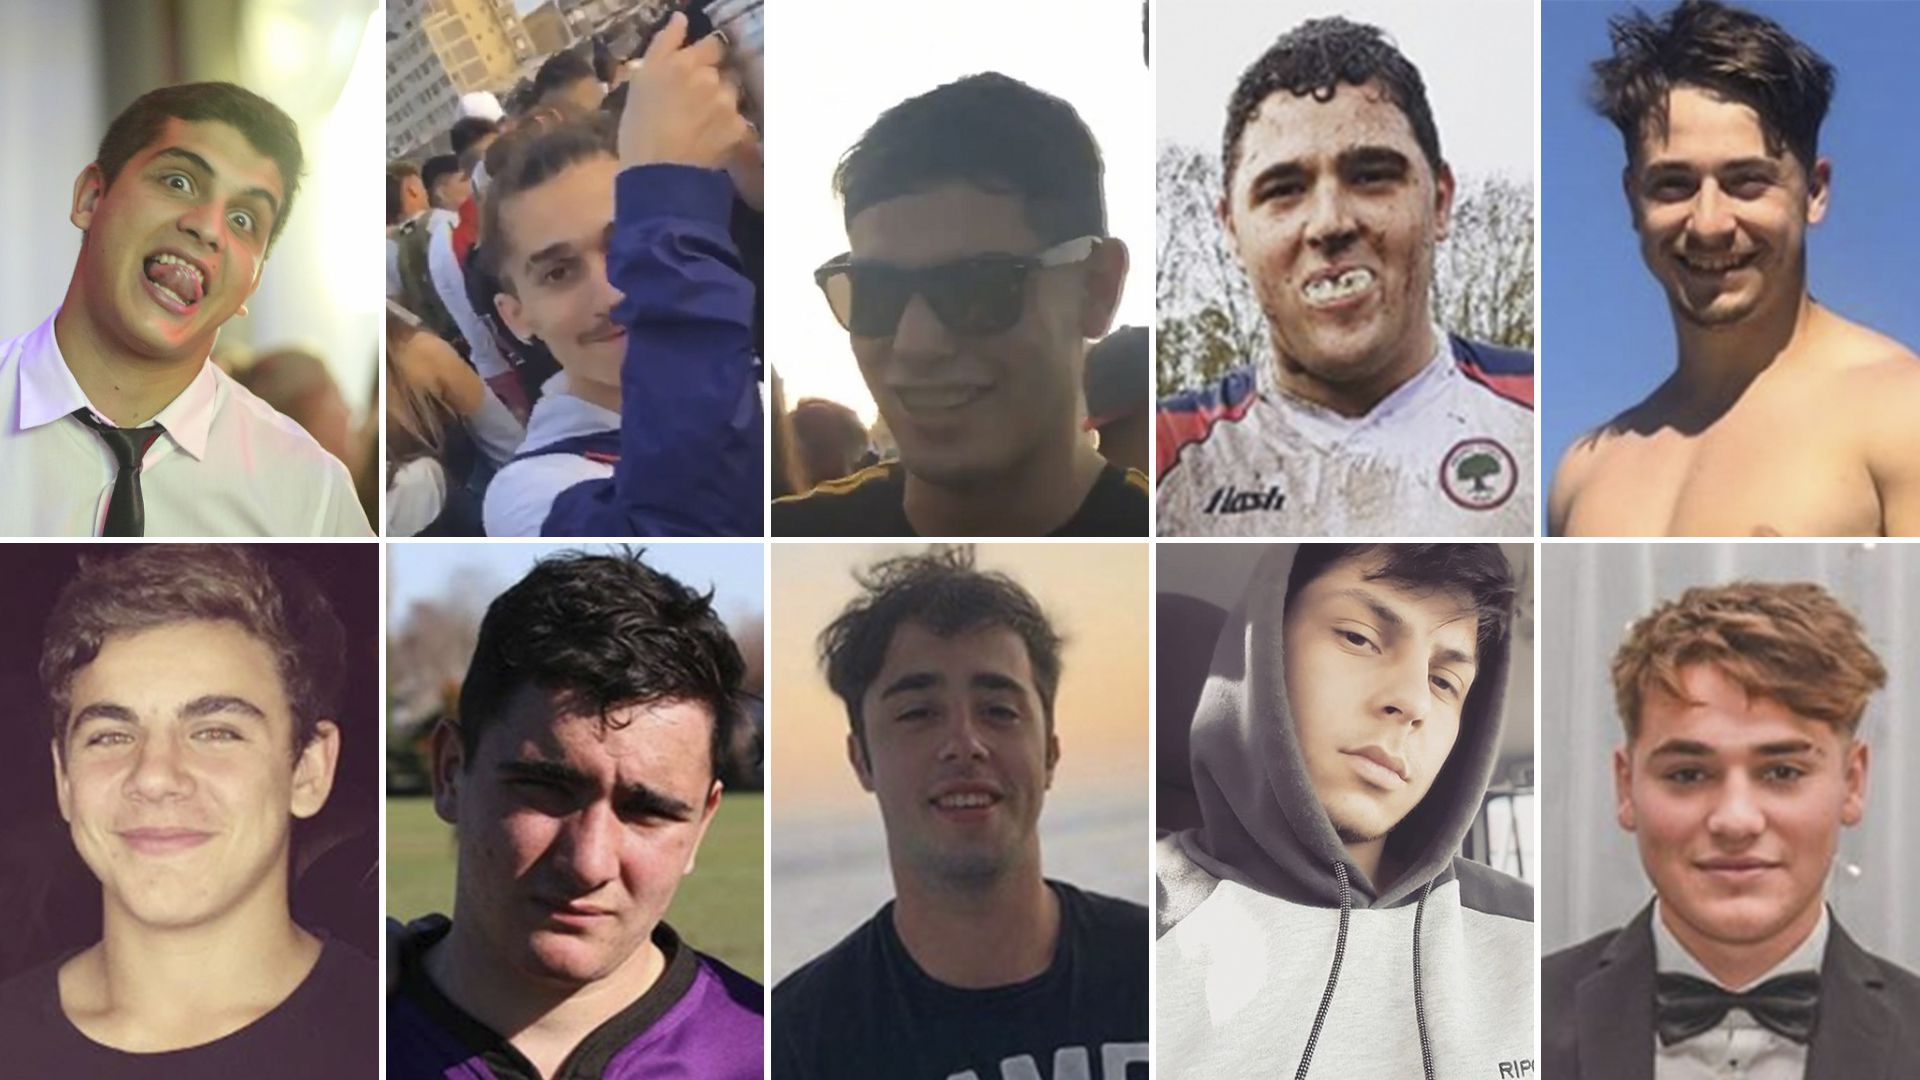 Los detenidos tienen entre 18 y 20 años